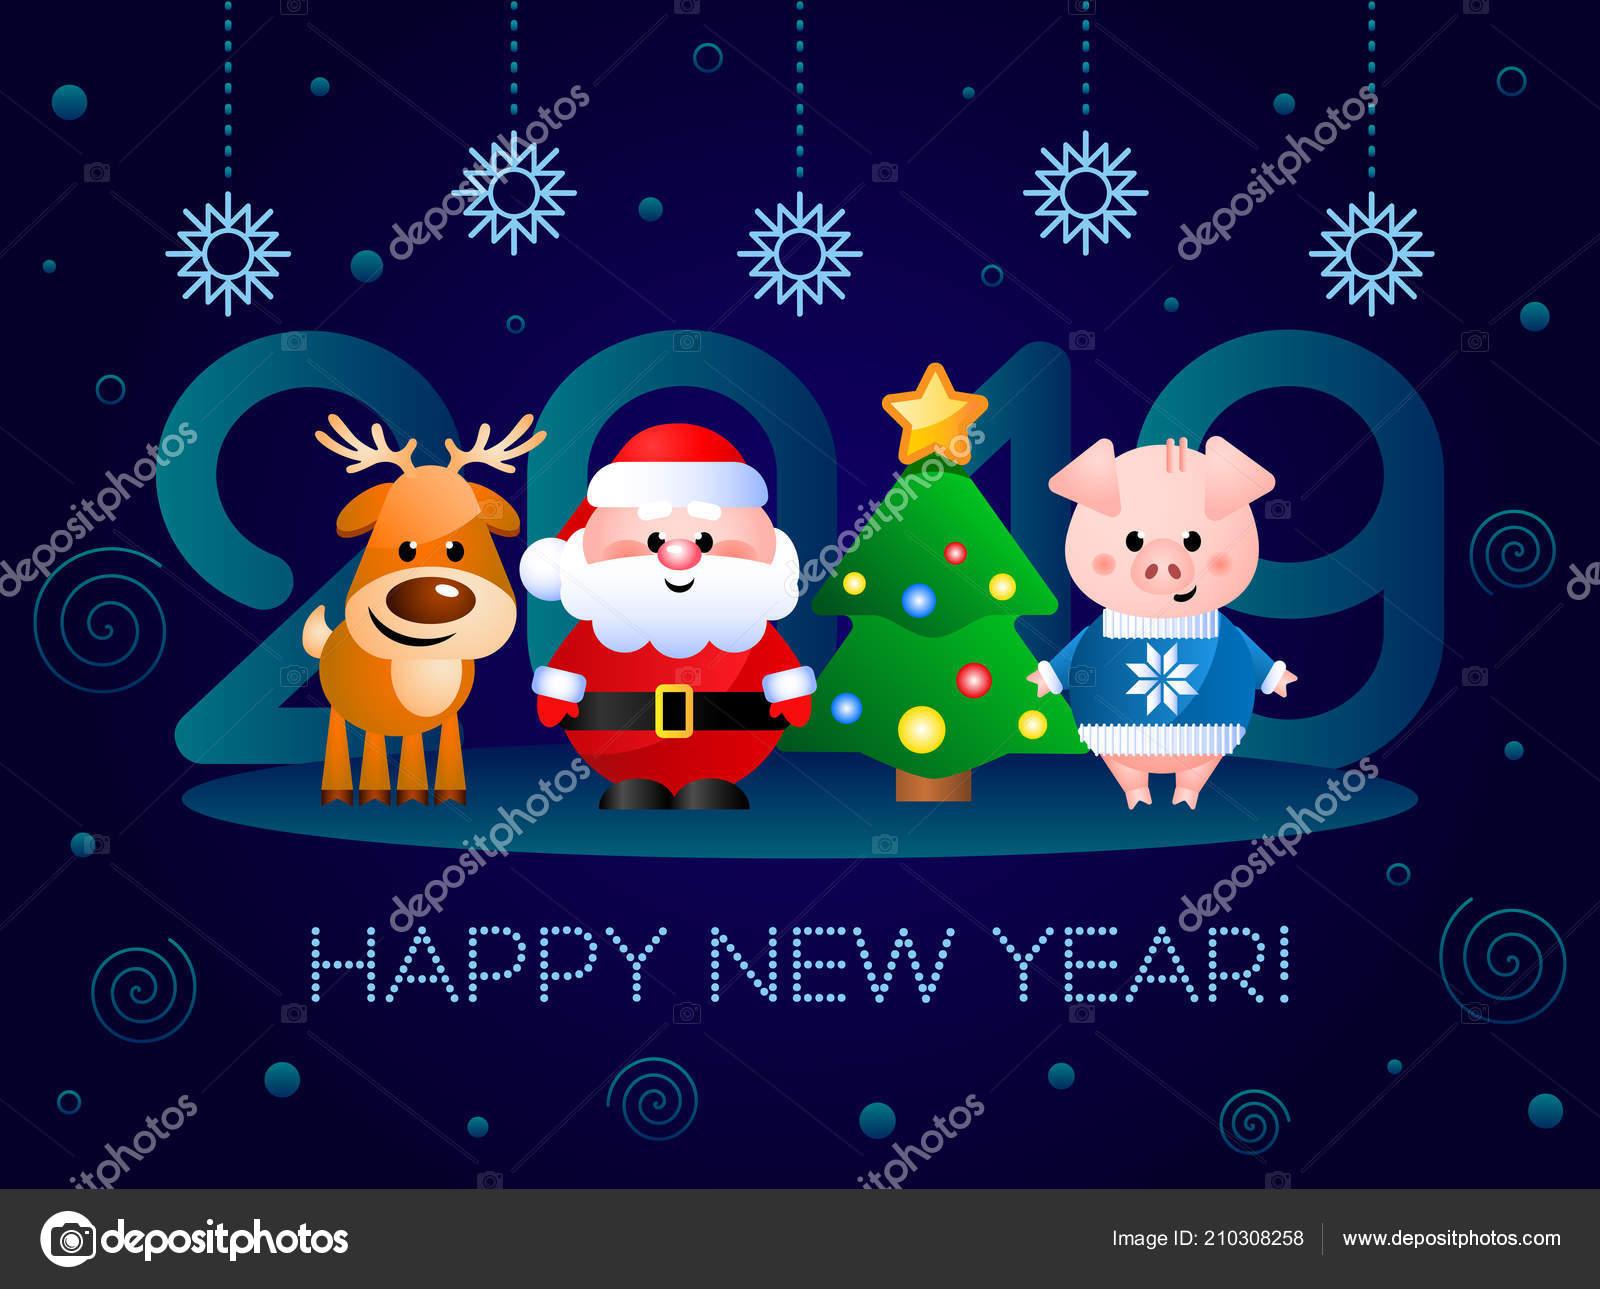 Felicitaciones Graciosas De Navidad 2019.Feliz Ano Nuevo 2019 Tarjeta Felicitacion Con Personajes